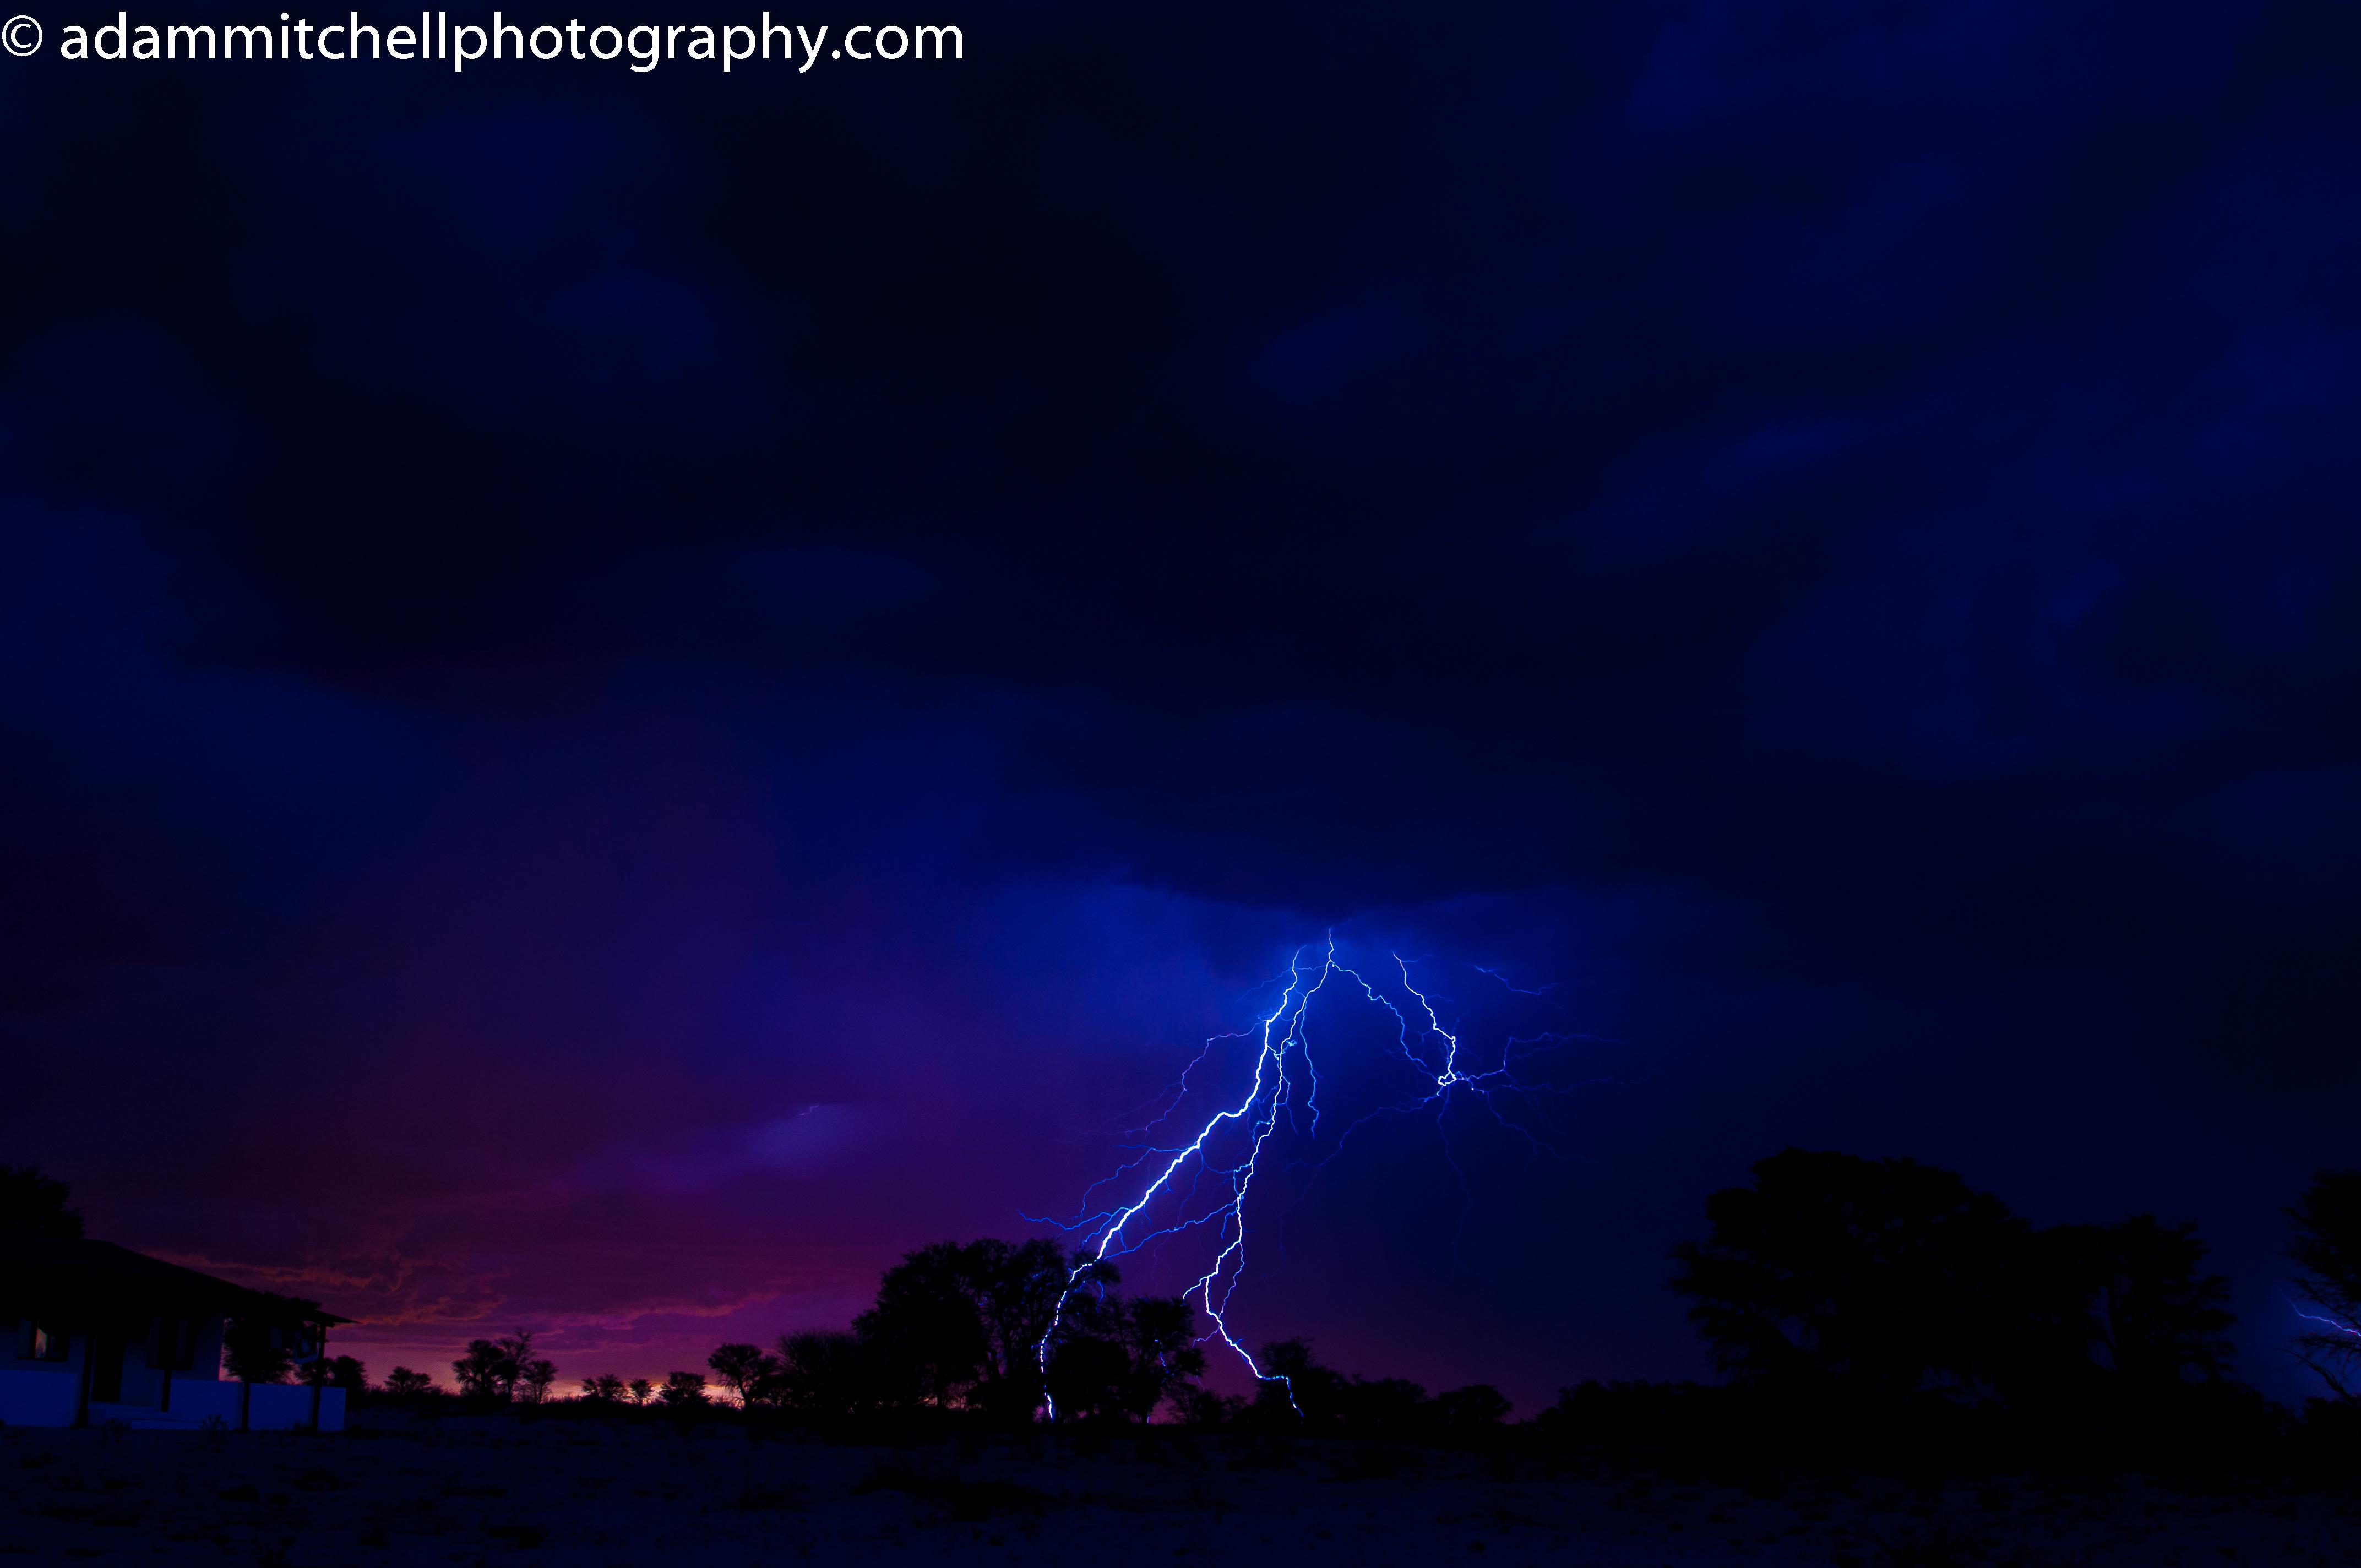 Kalahari storm